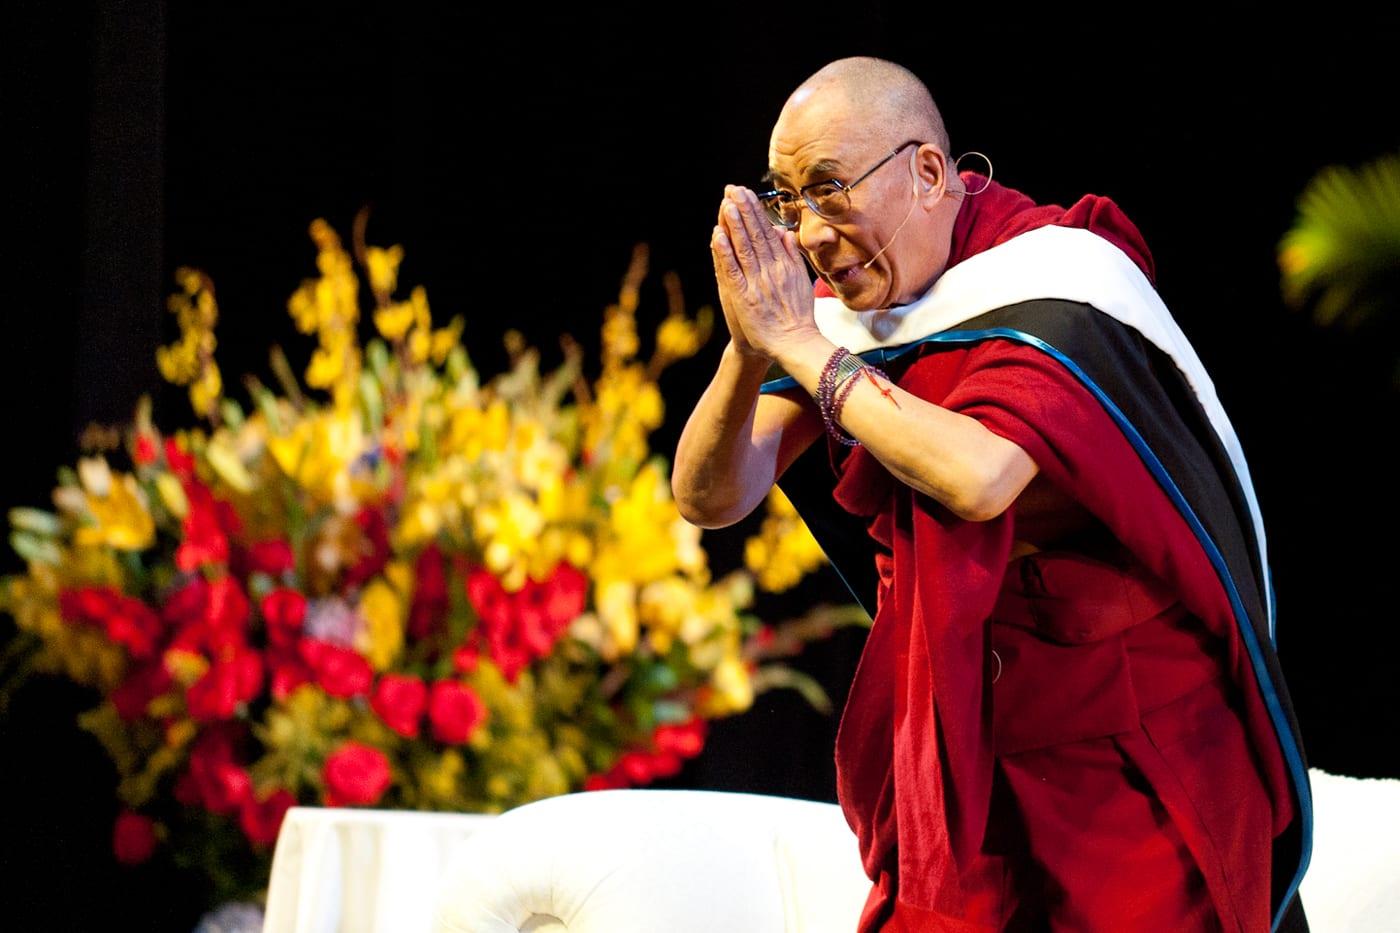 The 14th Dalai Lama at SMU, May 9, 2011